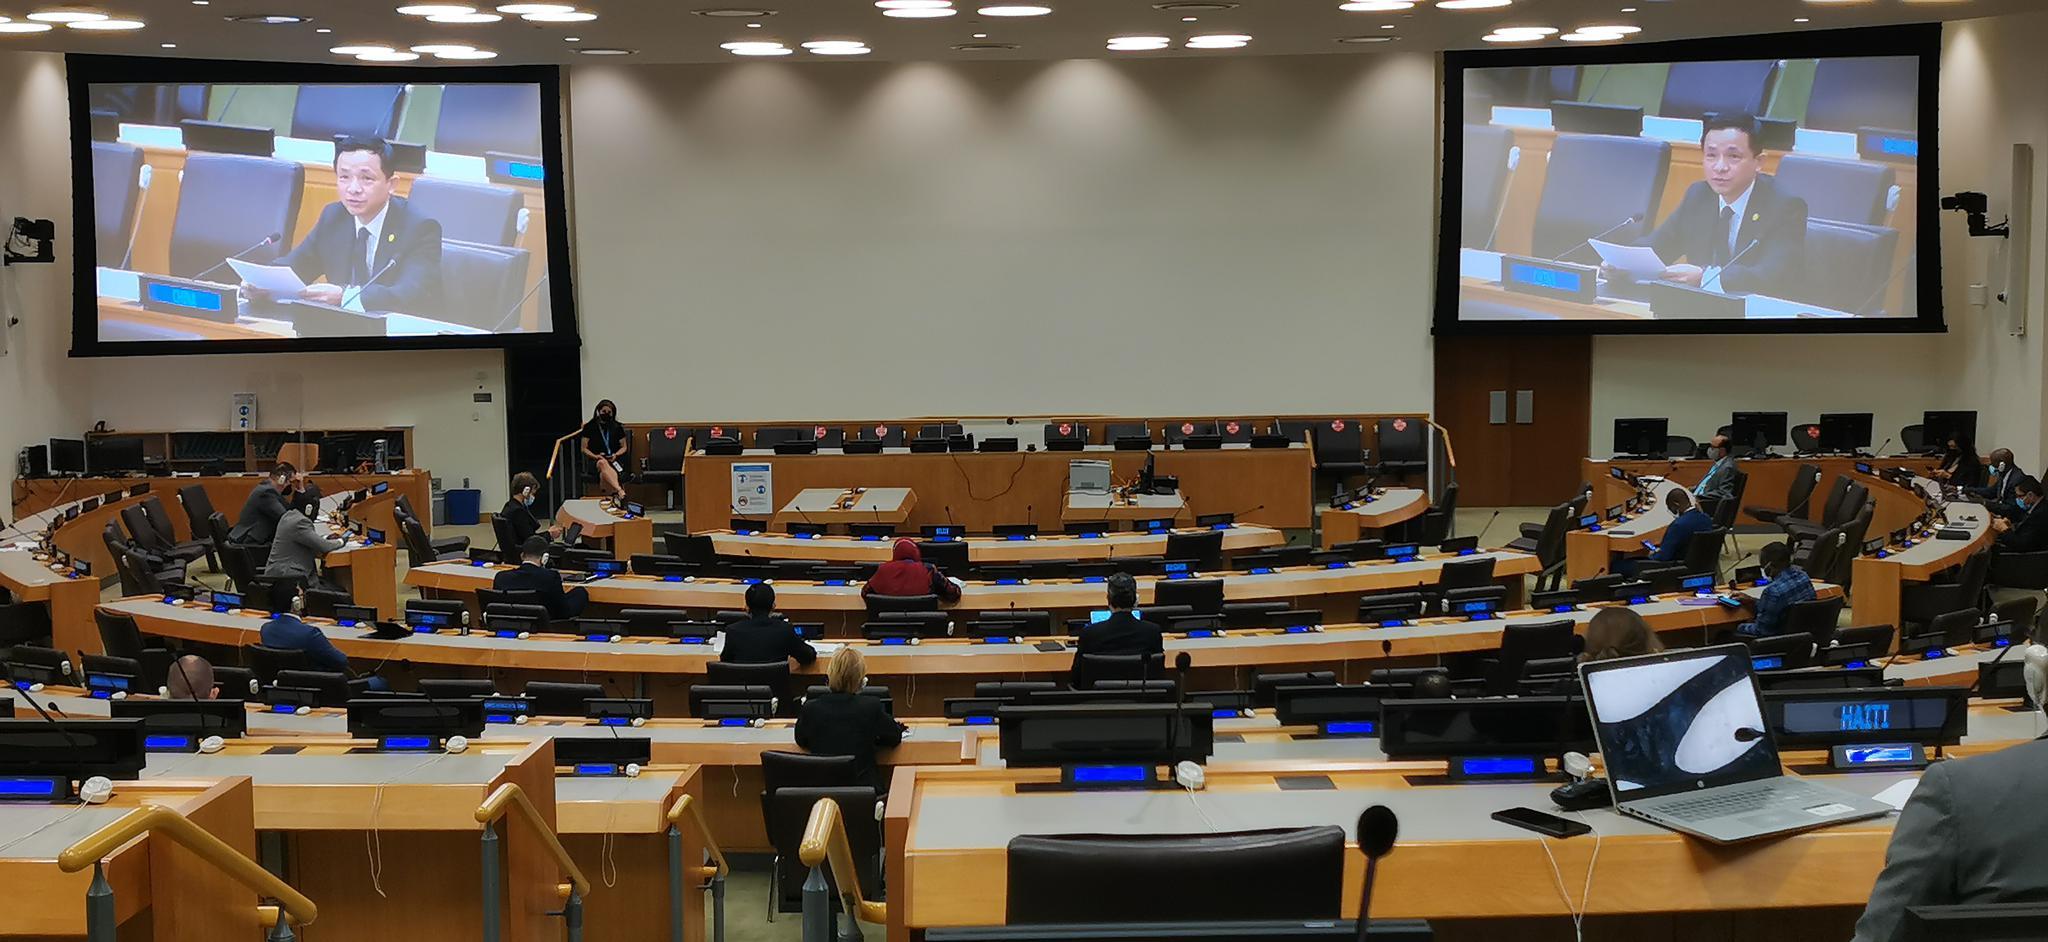 中国常驻联合国代表:某会费大国拖欠会费超10亿美元,中方深表关切